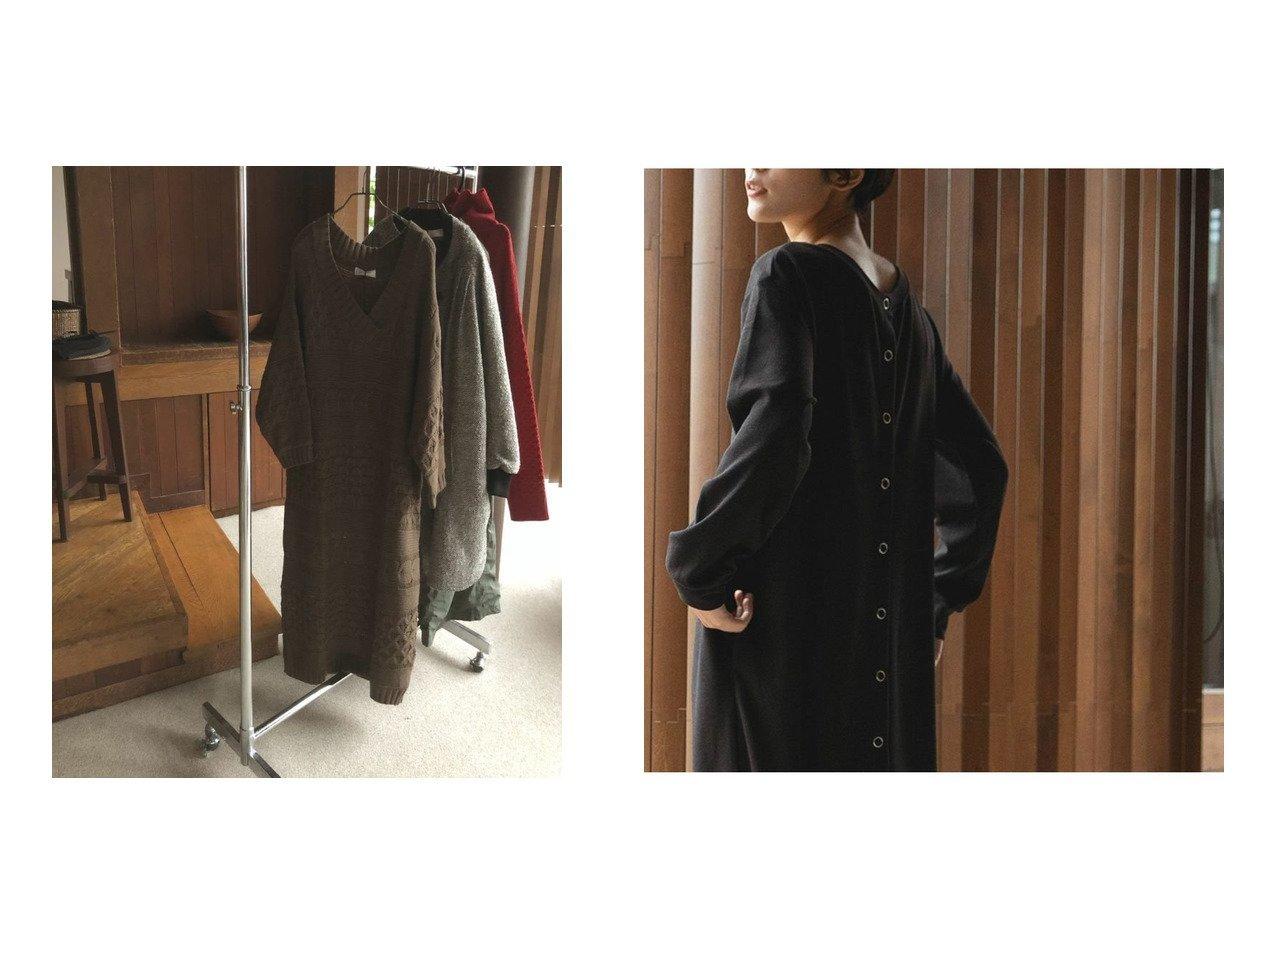 【marjour/マージュール】のケーブルニットワンピース CABLE KNIT ONEPIECE&ボタンワンピース BUTTON ONEPIECE マージュールのおすすめ!人気、トレンド・レディースファッションの通販 おすすめで人気の流行・トレンド、ファッションの通販商品 メンズファッション・キッズファッション・インテリア・家具・レディースファッション・服の通販 founy(ファニー) https://founy.com/ ファッション Fashion レディースファッション WOMEN ワンピース Dress ニットワンピース Knit Dresses おすすめ Recommend キャミソール クール バランス ボトム レギンス カットソー カーディガン シルバー シンプル ジャケット ノースリーブ フリンジ ポケット モノトーン ルーズ 冬 Winter |ID:crp329100000021564